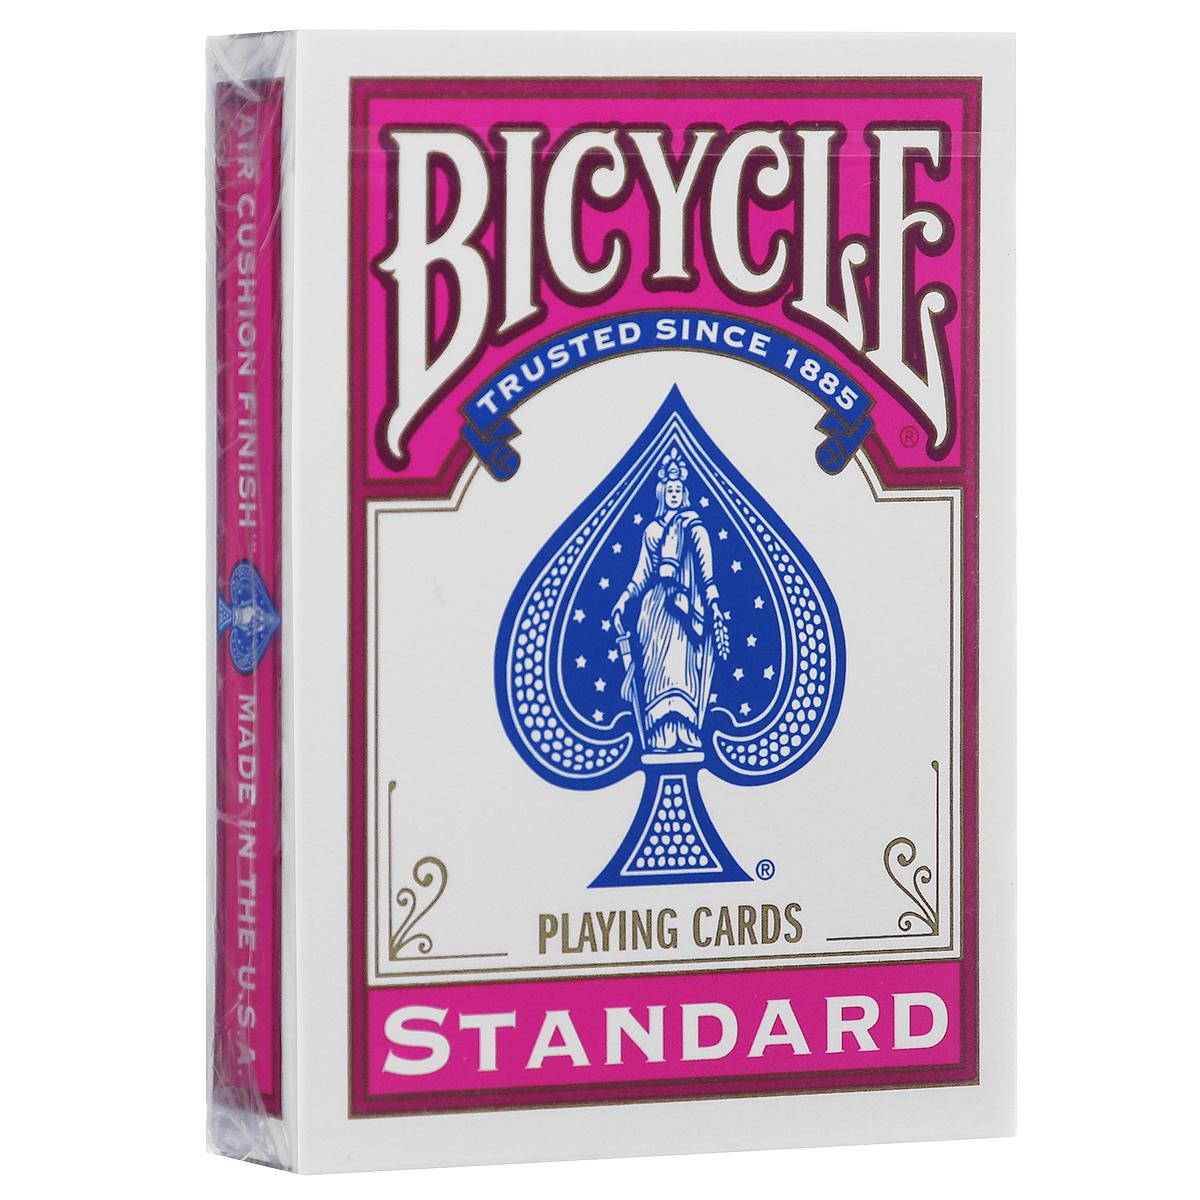 Игральные карты Bicycle Standard, цвет: фуксияК-049Любимые карты в новом цвете! Эти карты напечатаны американской компанией игральных карт и могут использоваться во многих интересных фокусах. Принесите немного цвета в свои представления!